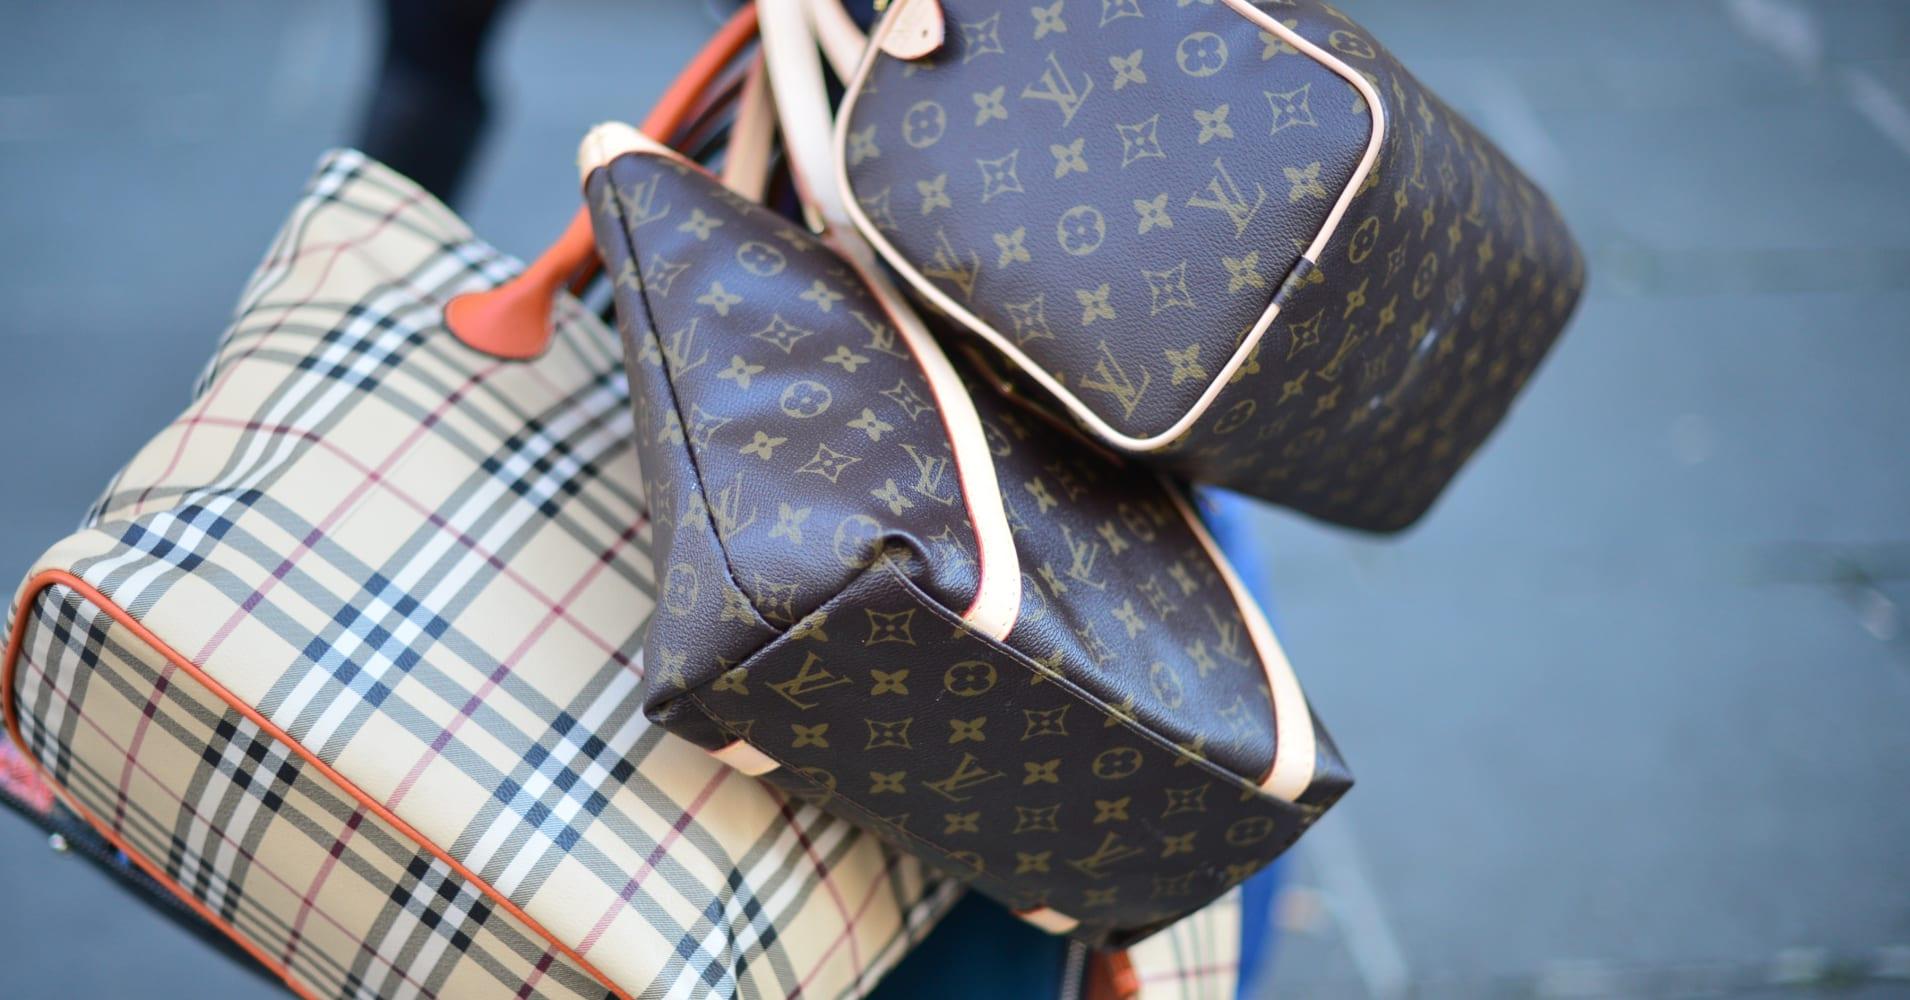 Luxury branded goods